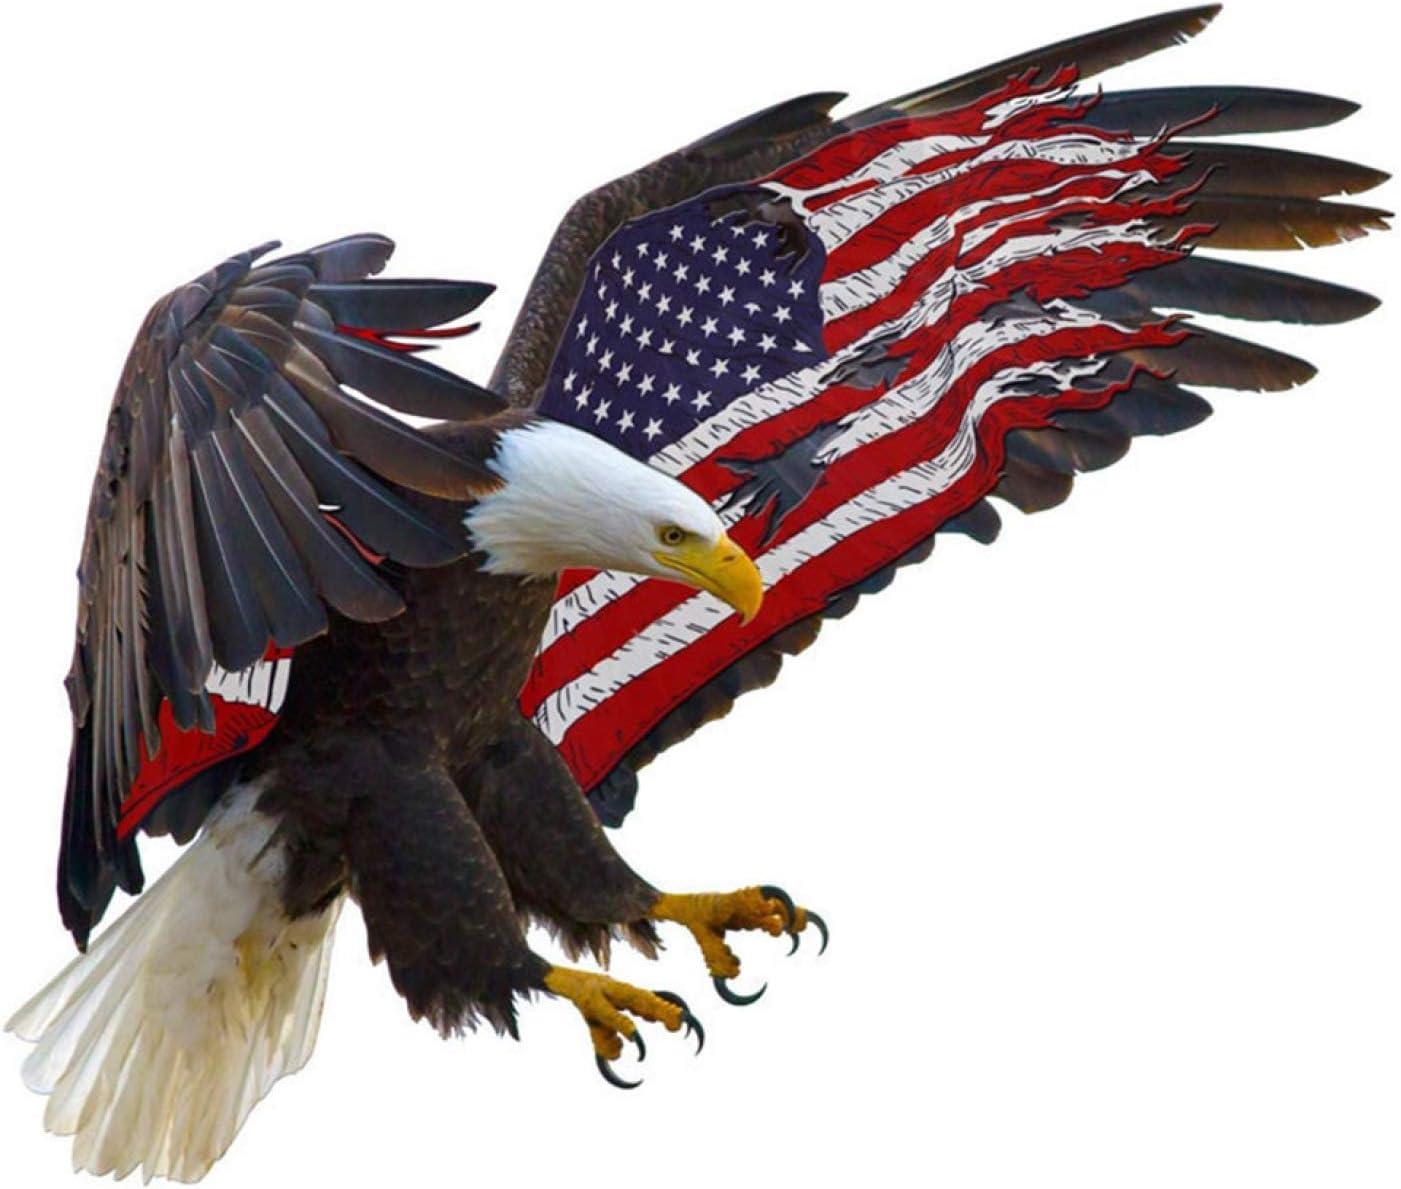 wewwe232783ajshgq First-Class Americano Pegatina Águila Estilo Forma Vinilo Pared Bandera Eeuu Símbolo Estados Unidos Coche Ventana - Imagen Color: Amazon.es: Coche y moto